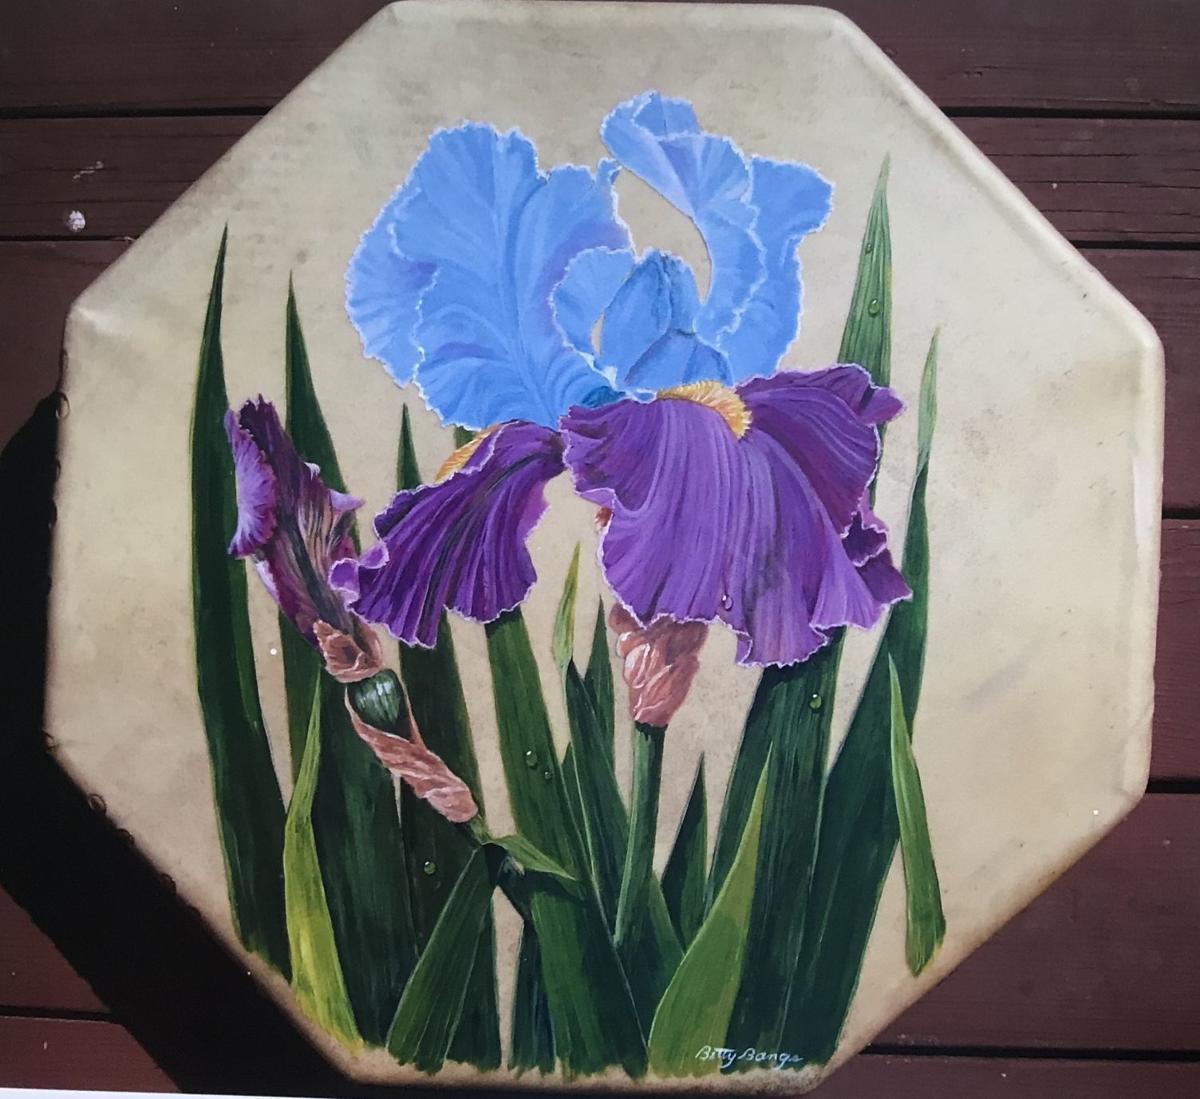 Iris drum